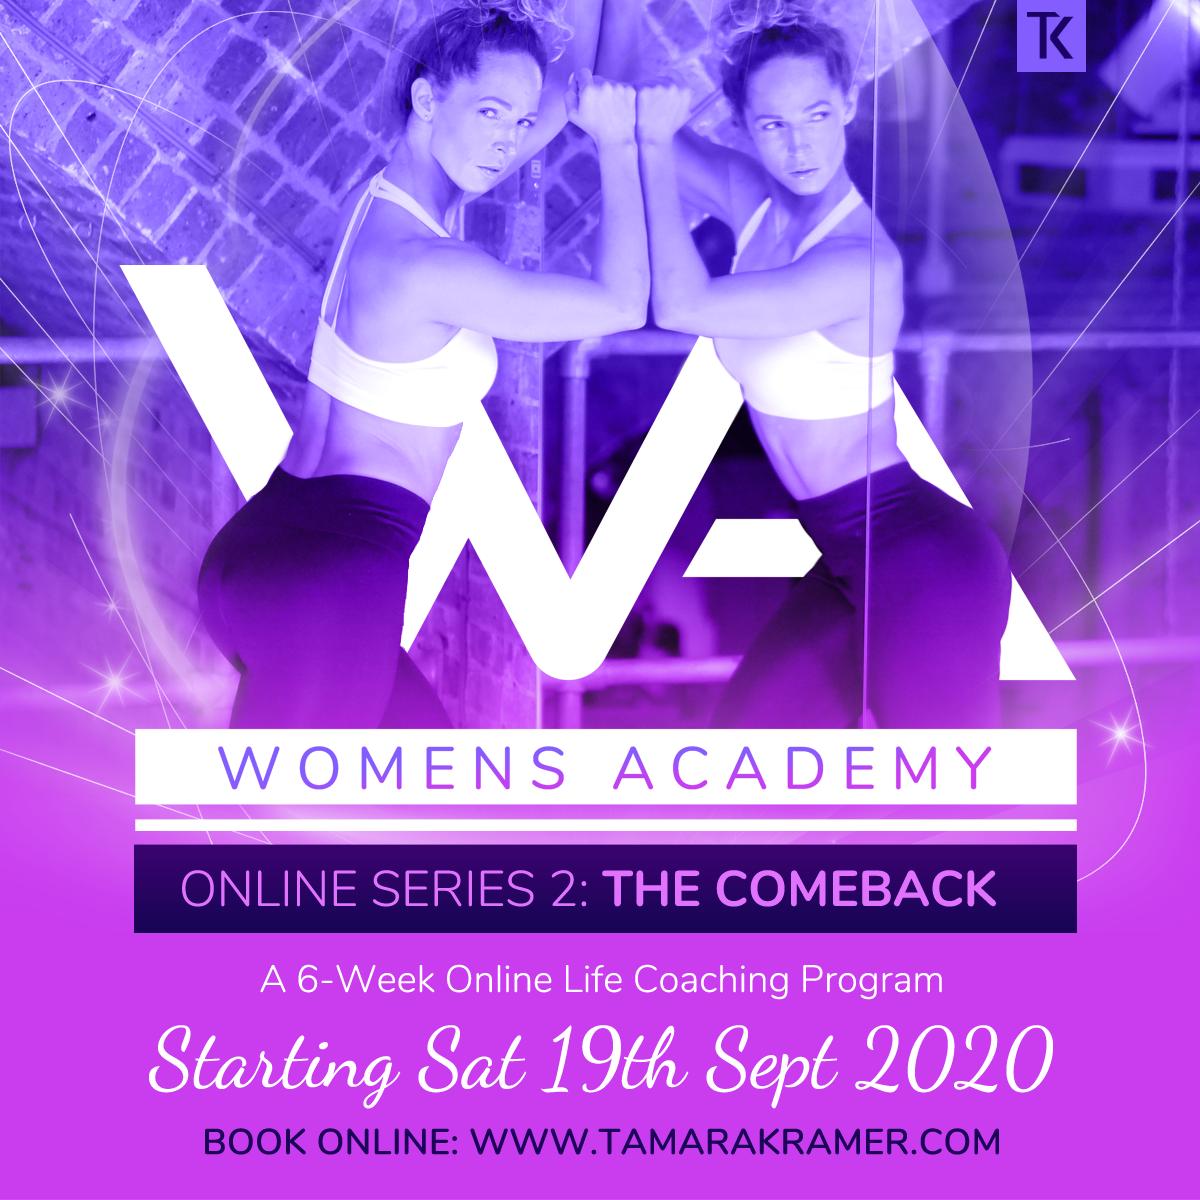 Women's Academy Online Series 2